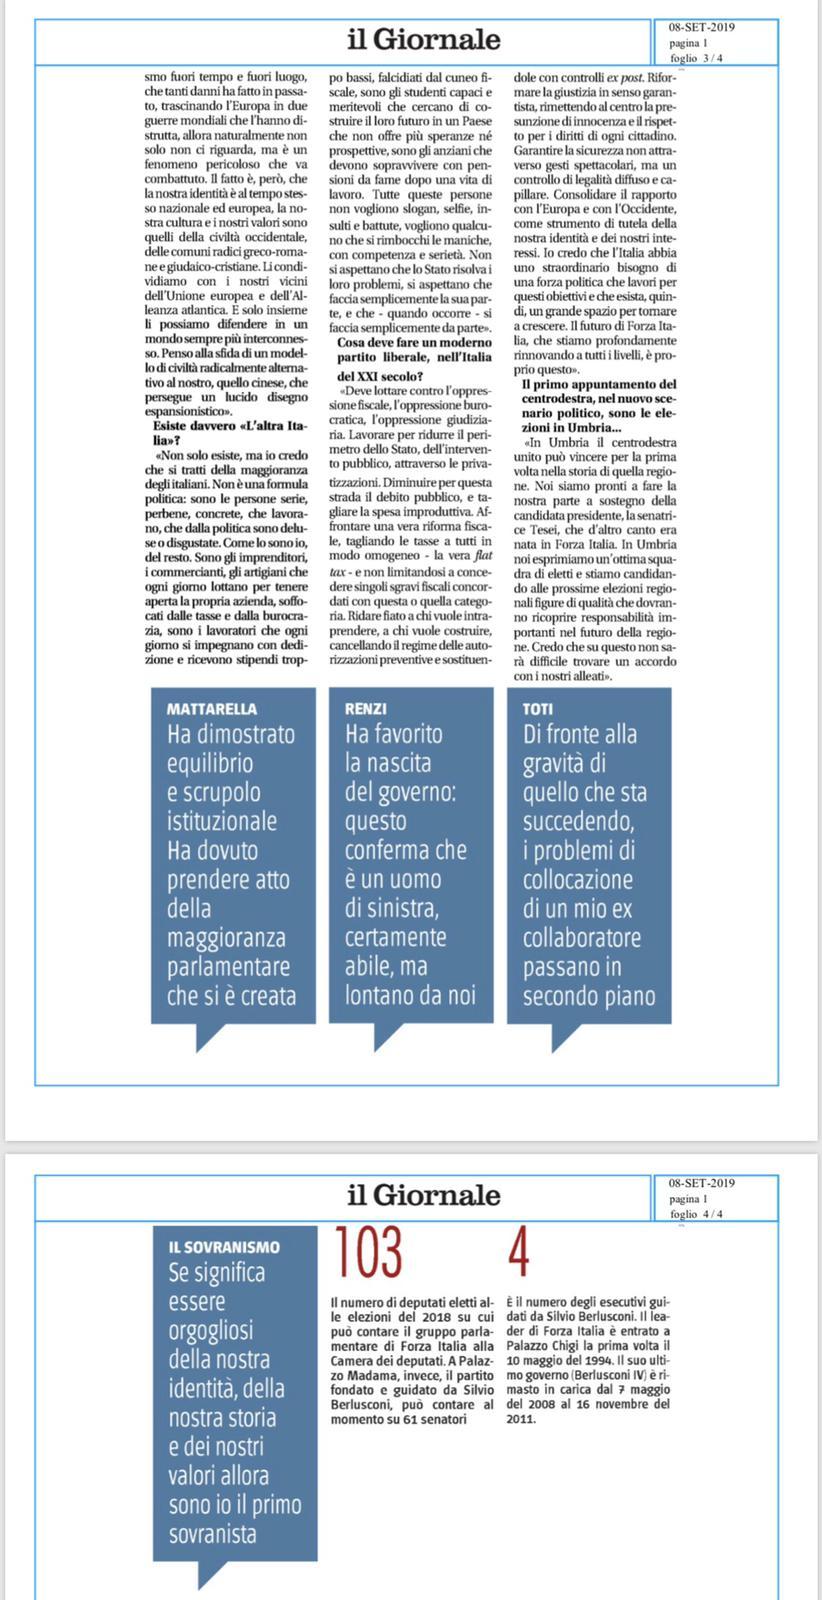 Berlusconi illustra la linea di Forza Italia al Giornale 6